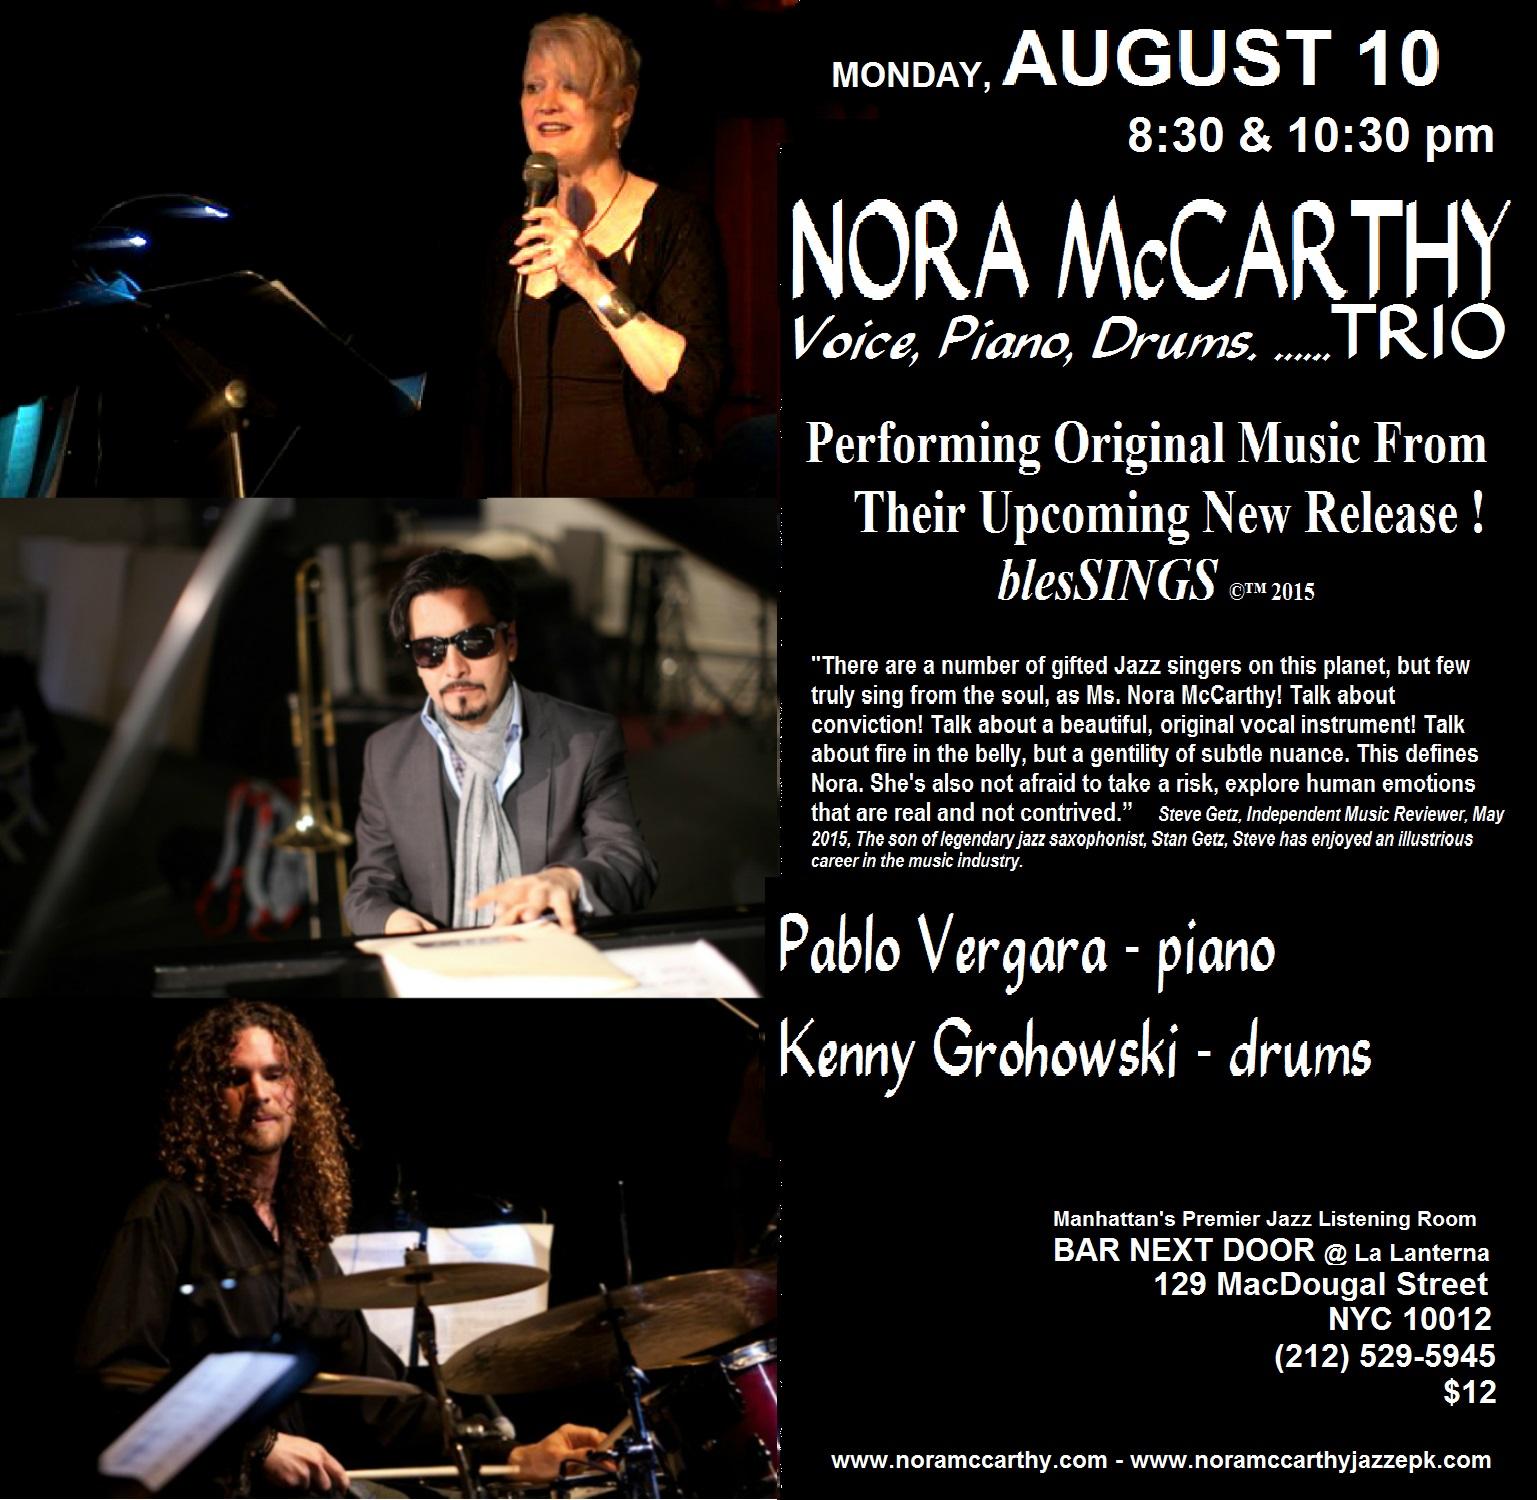 Nora McCarthy - Voice/Piano/Drums Trio